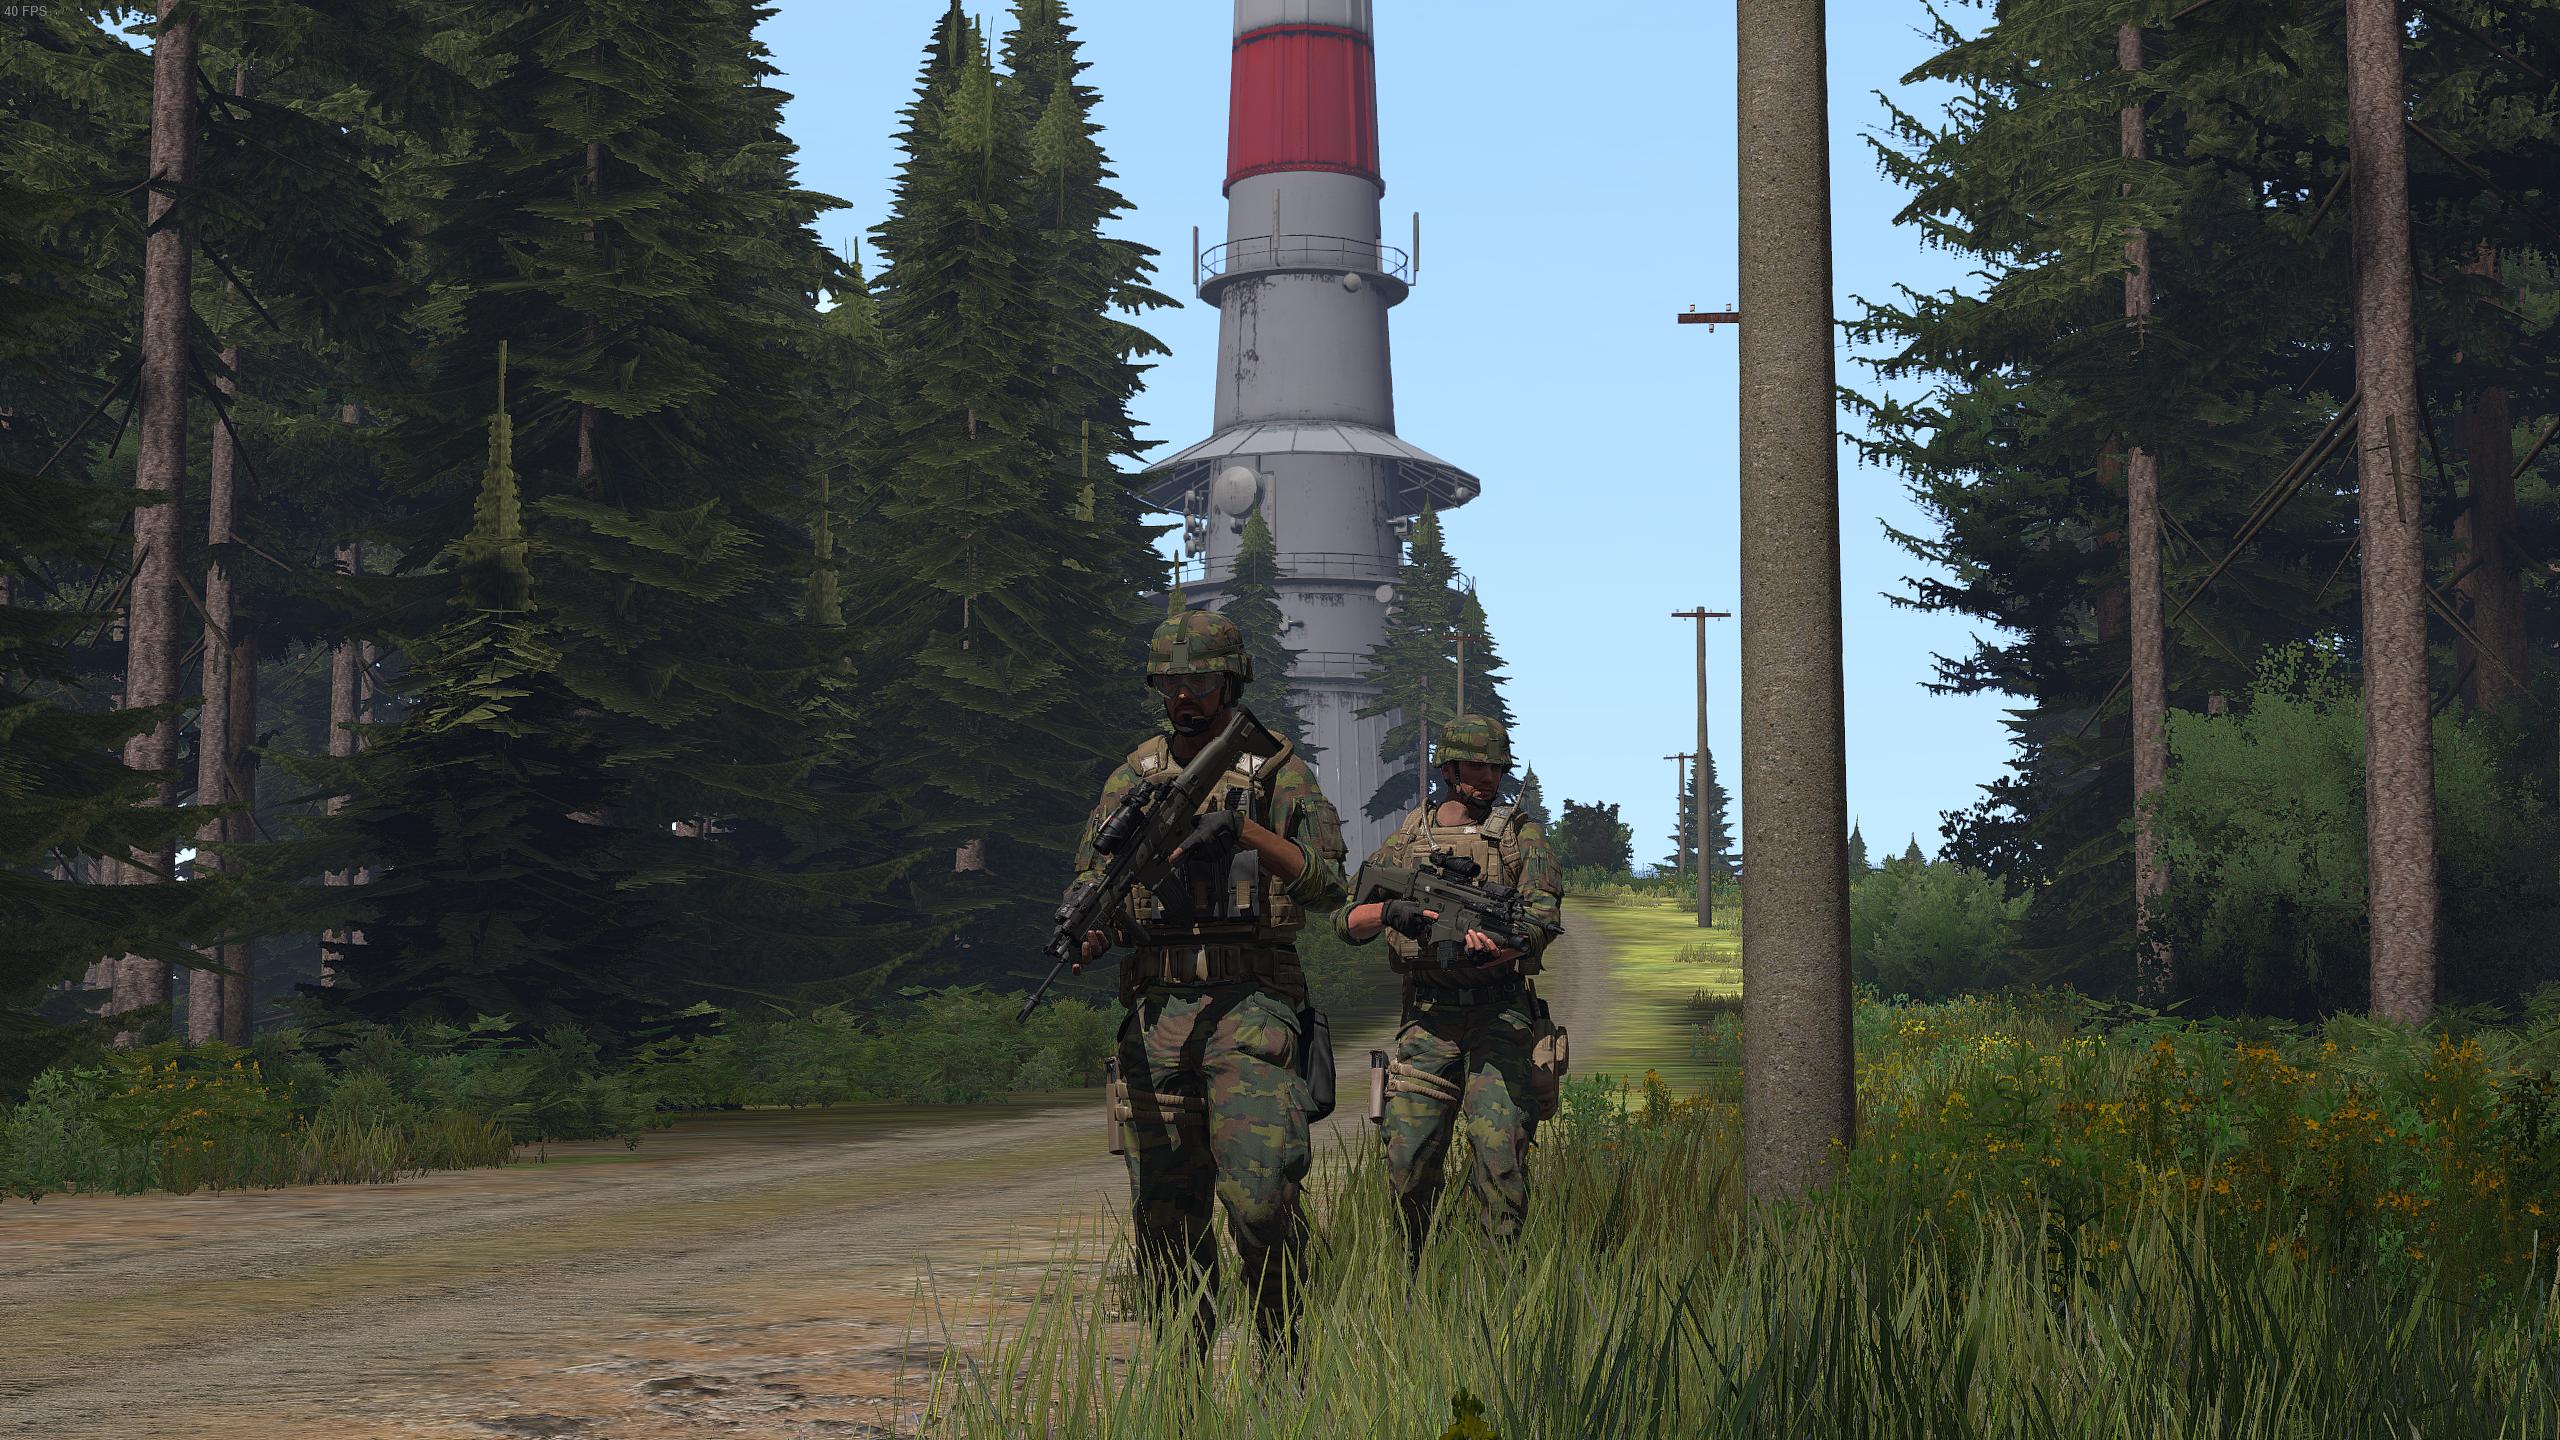 ArmA_3_Screenshot_2021.03.30_-_13.48.29.88_Thumbnail.png